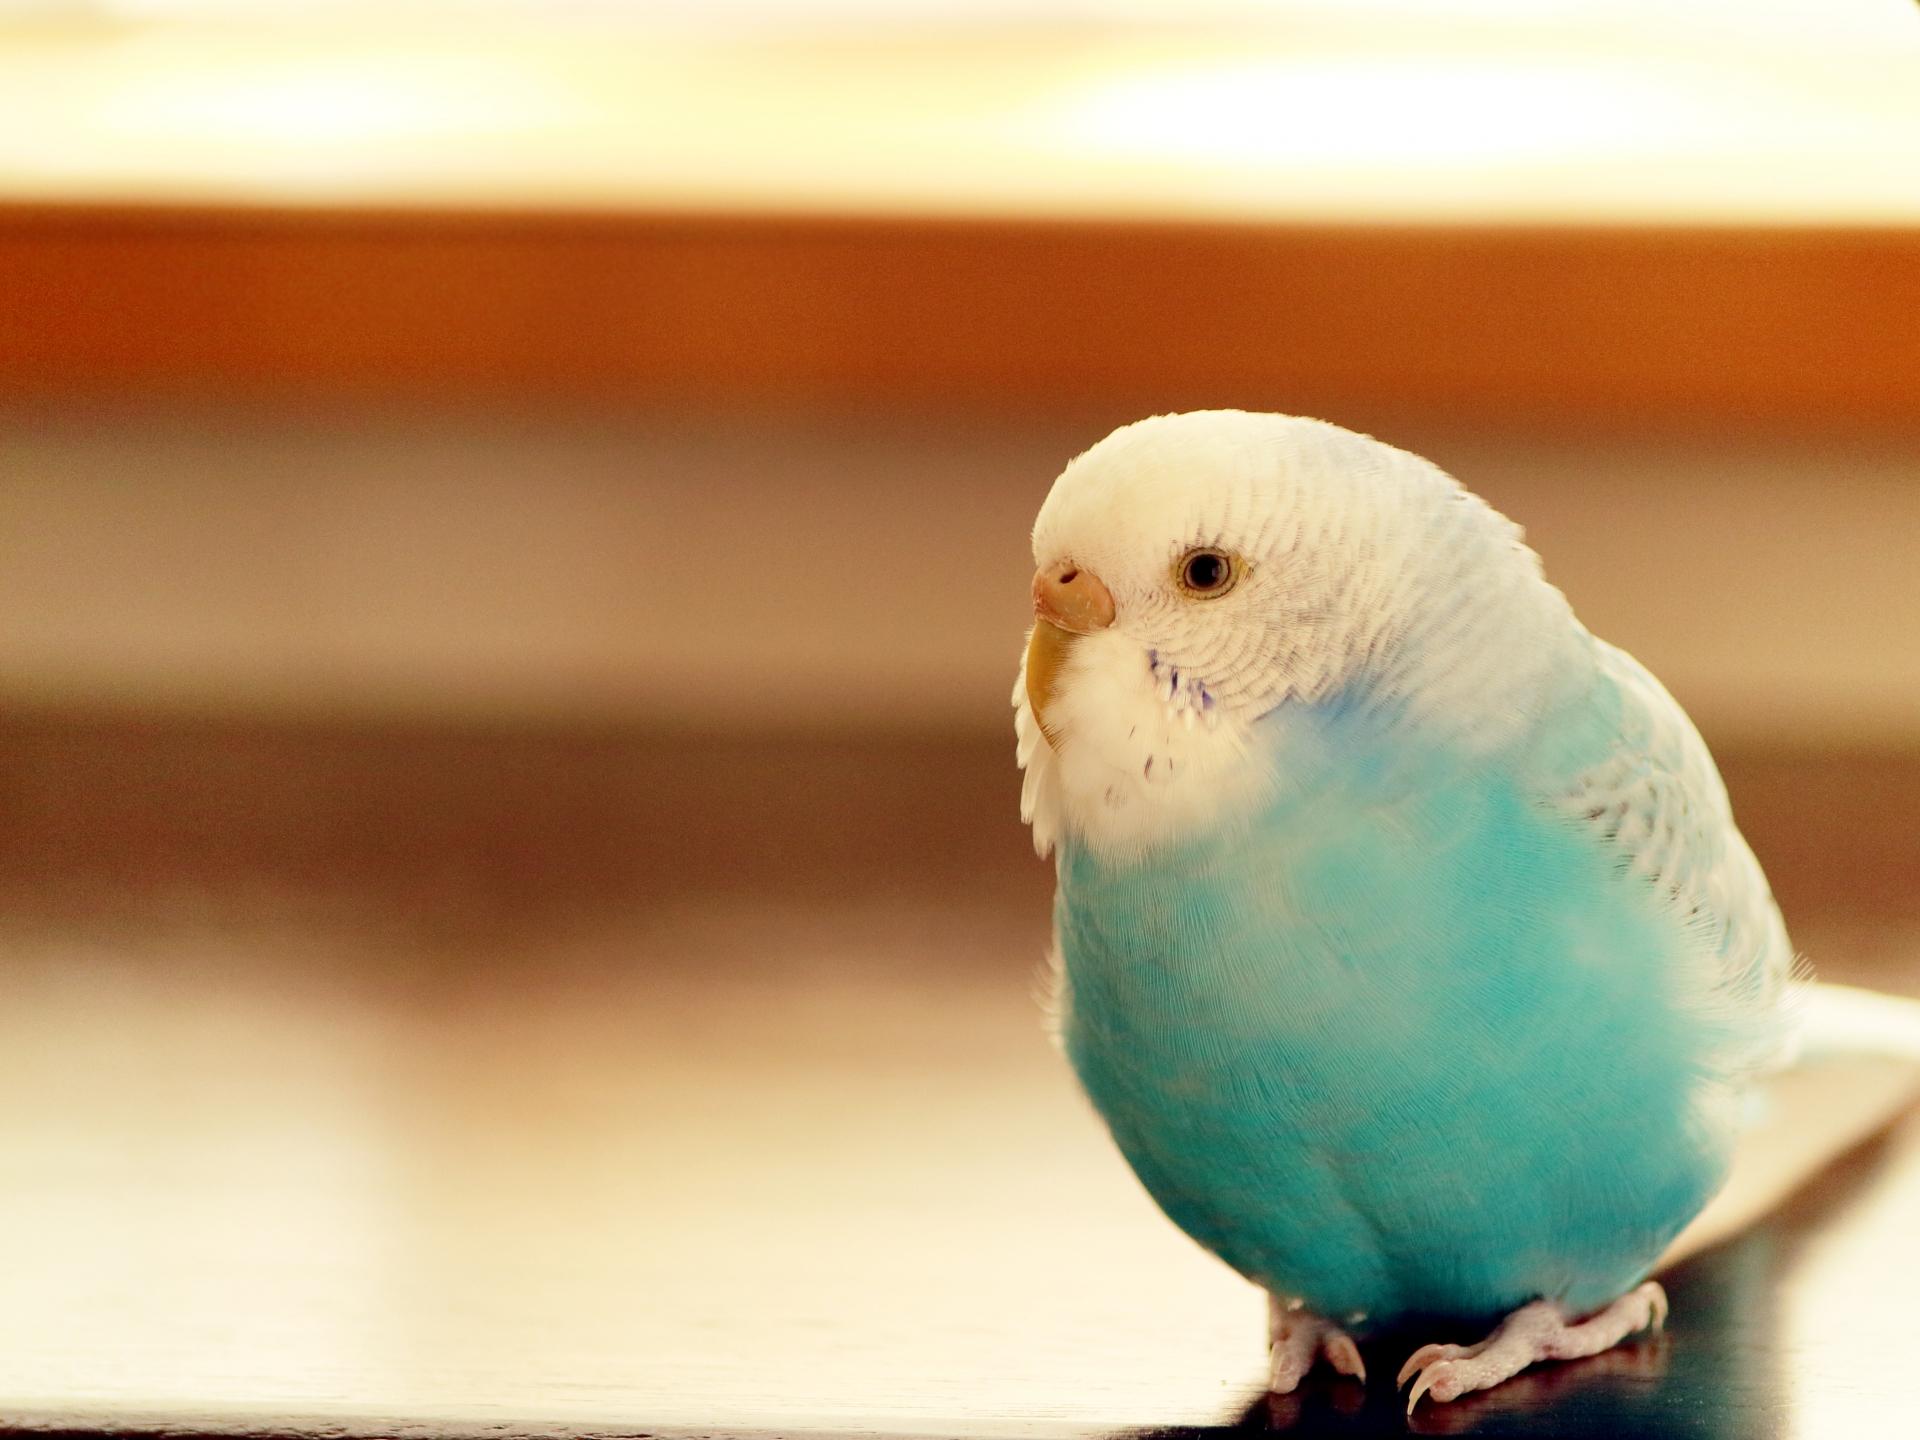 ペットとして飼いたい!おすすめの人気の鳥とは